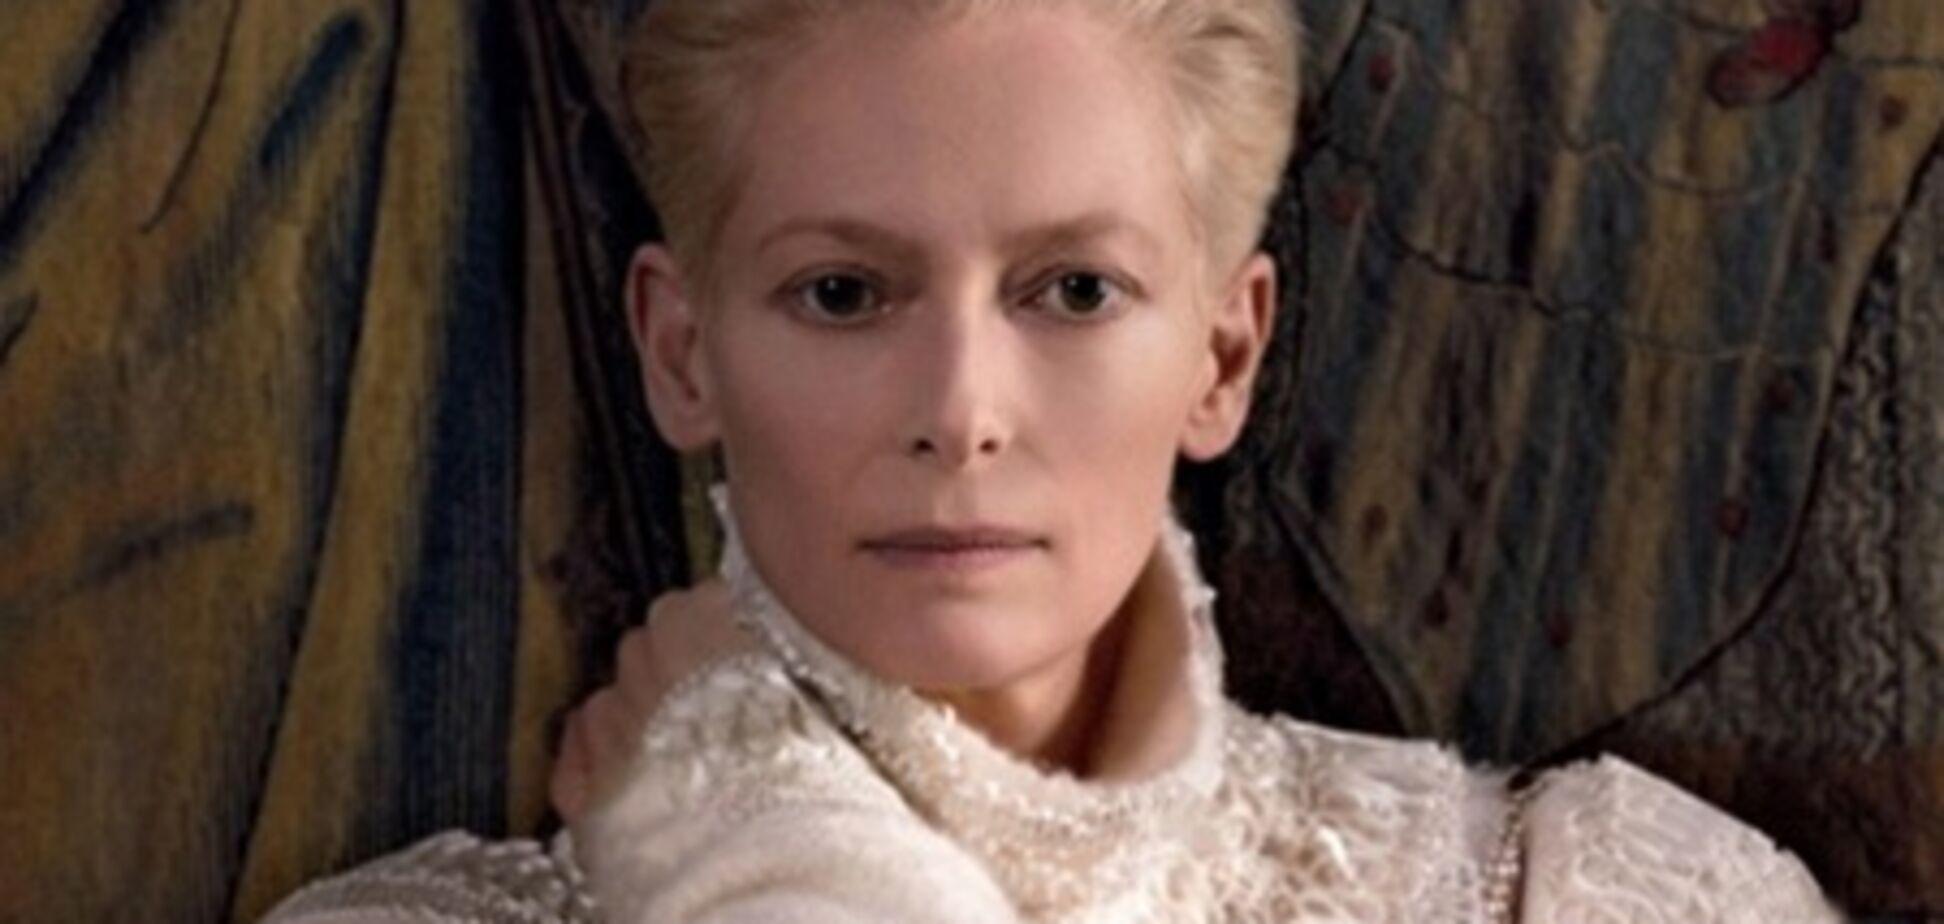 Тильда Суинтон: самая неблондинистая блондинка